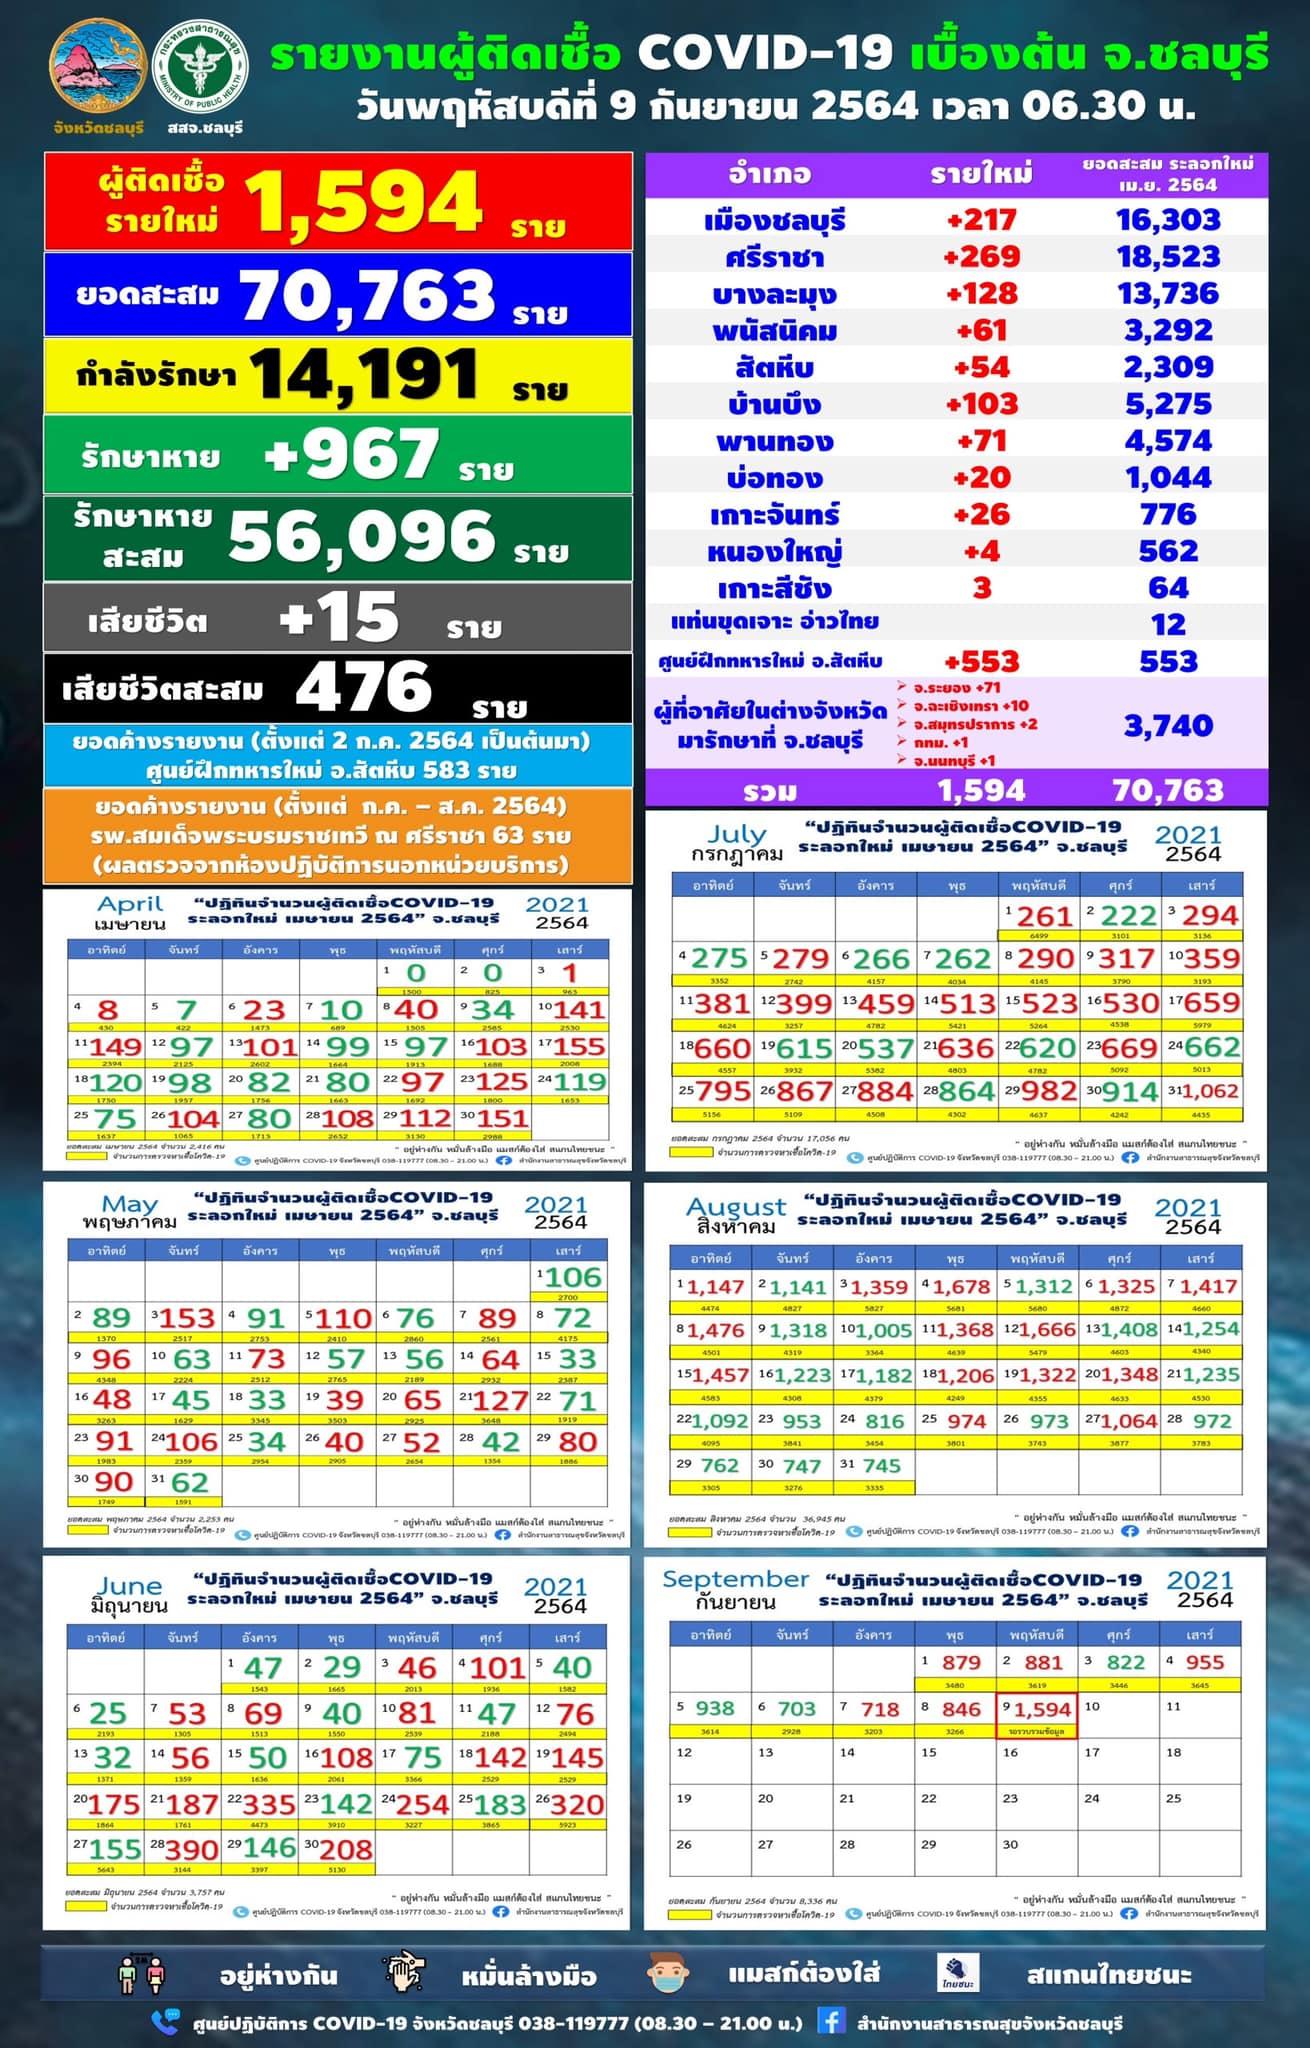 チョンブリ県1,594人陽性/シラチャ269人/ムアン217人/パタヤ128人[2021年9月9日]